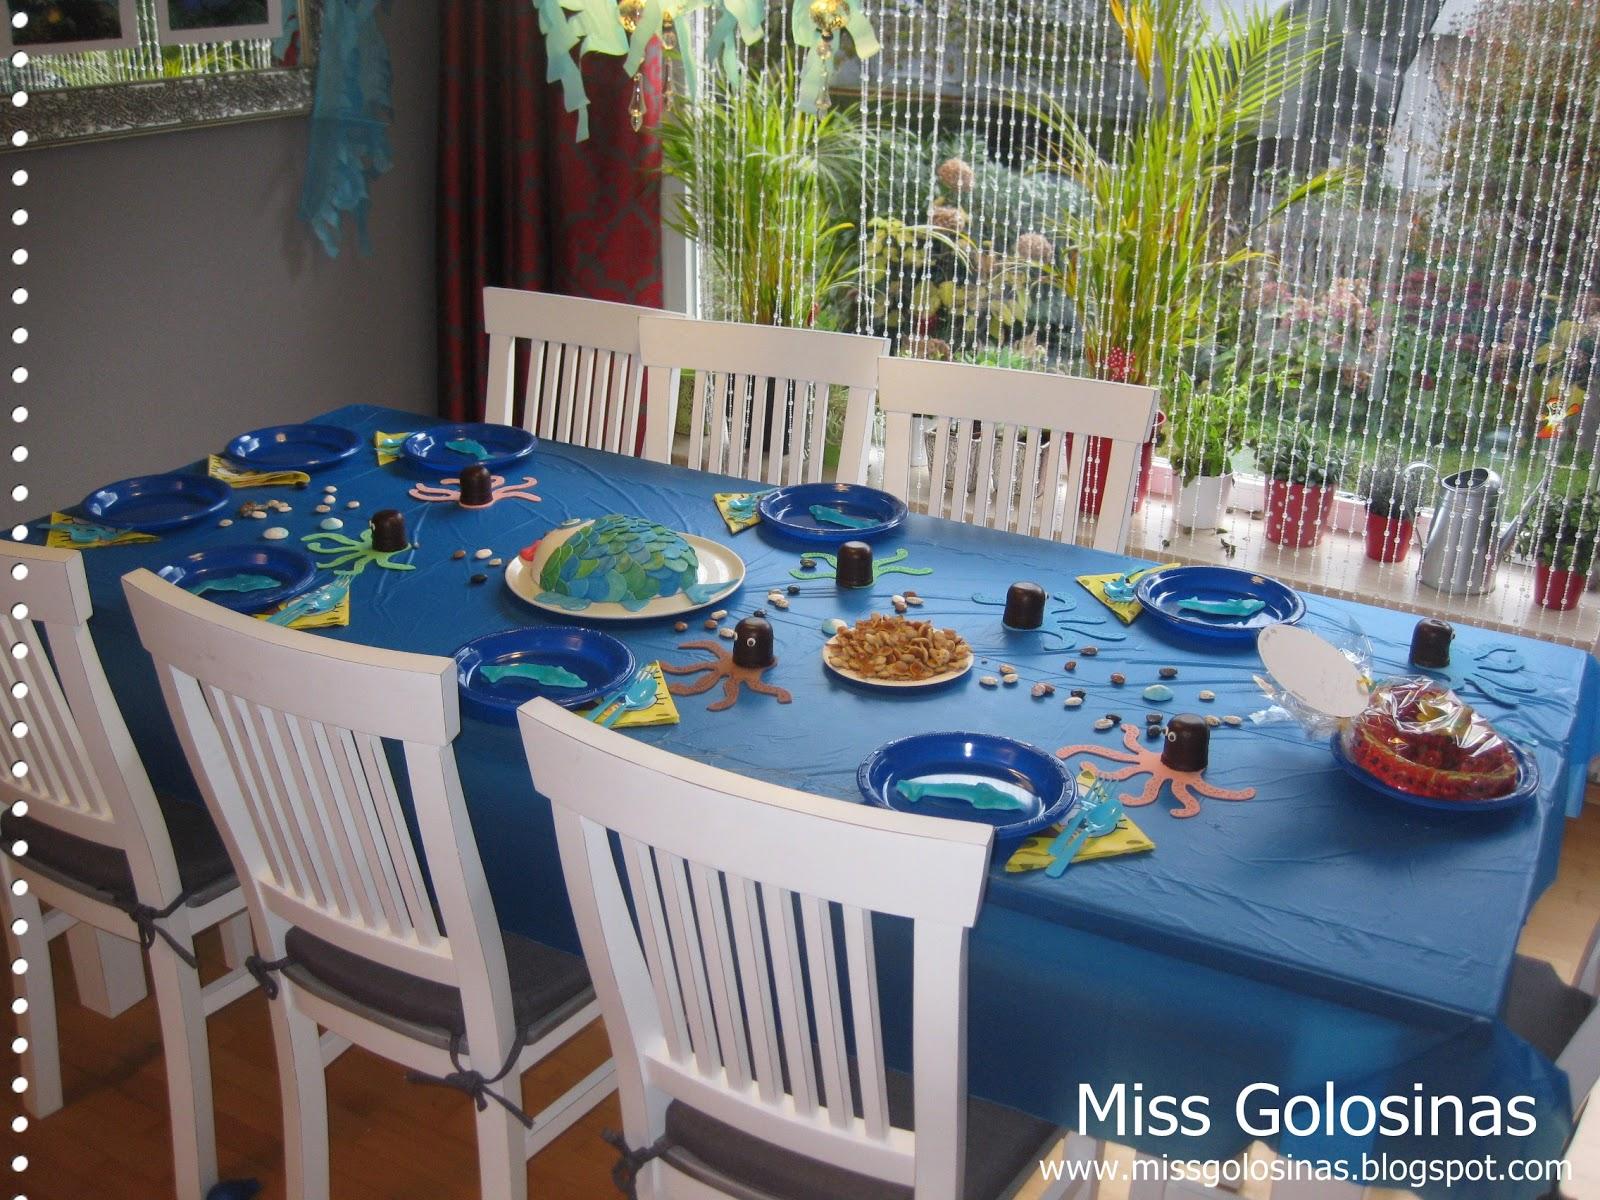 Miss Golosinas Unter Wasser Party 2 Essen Deko